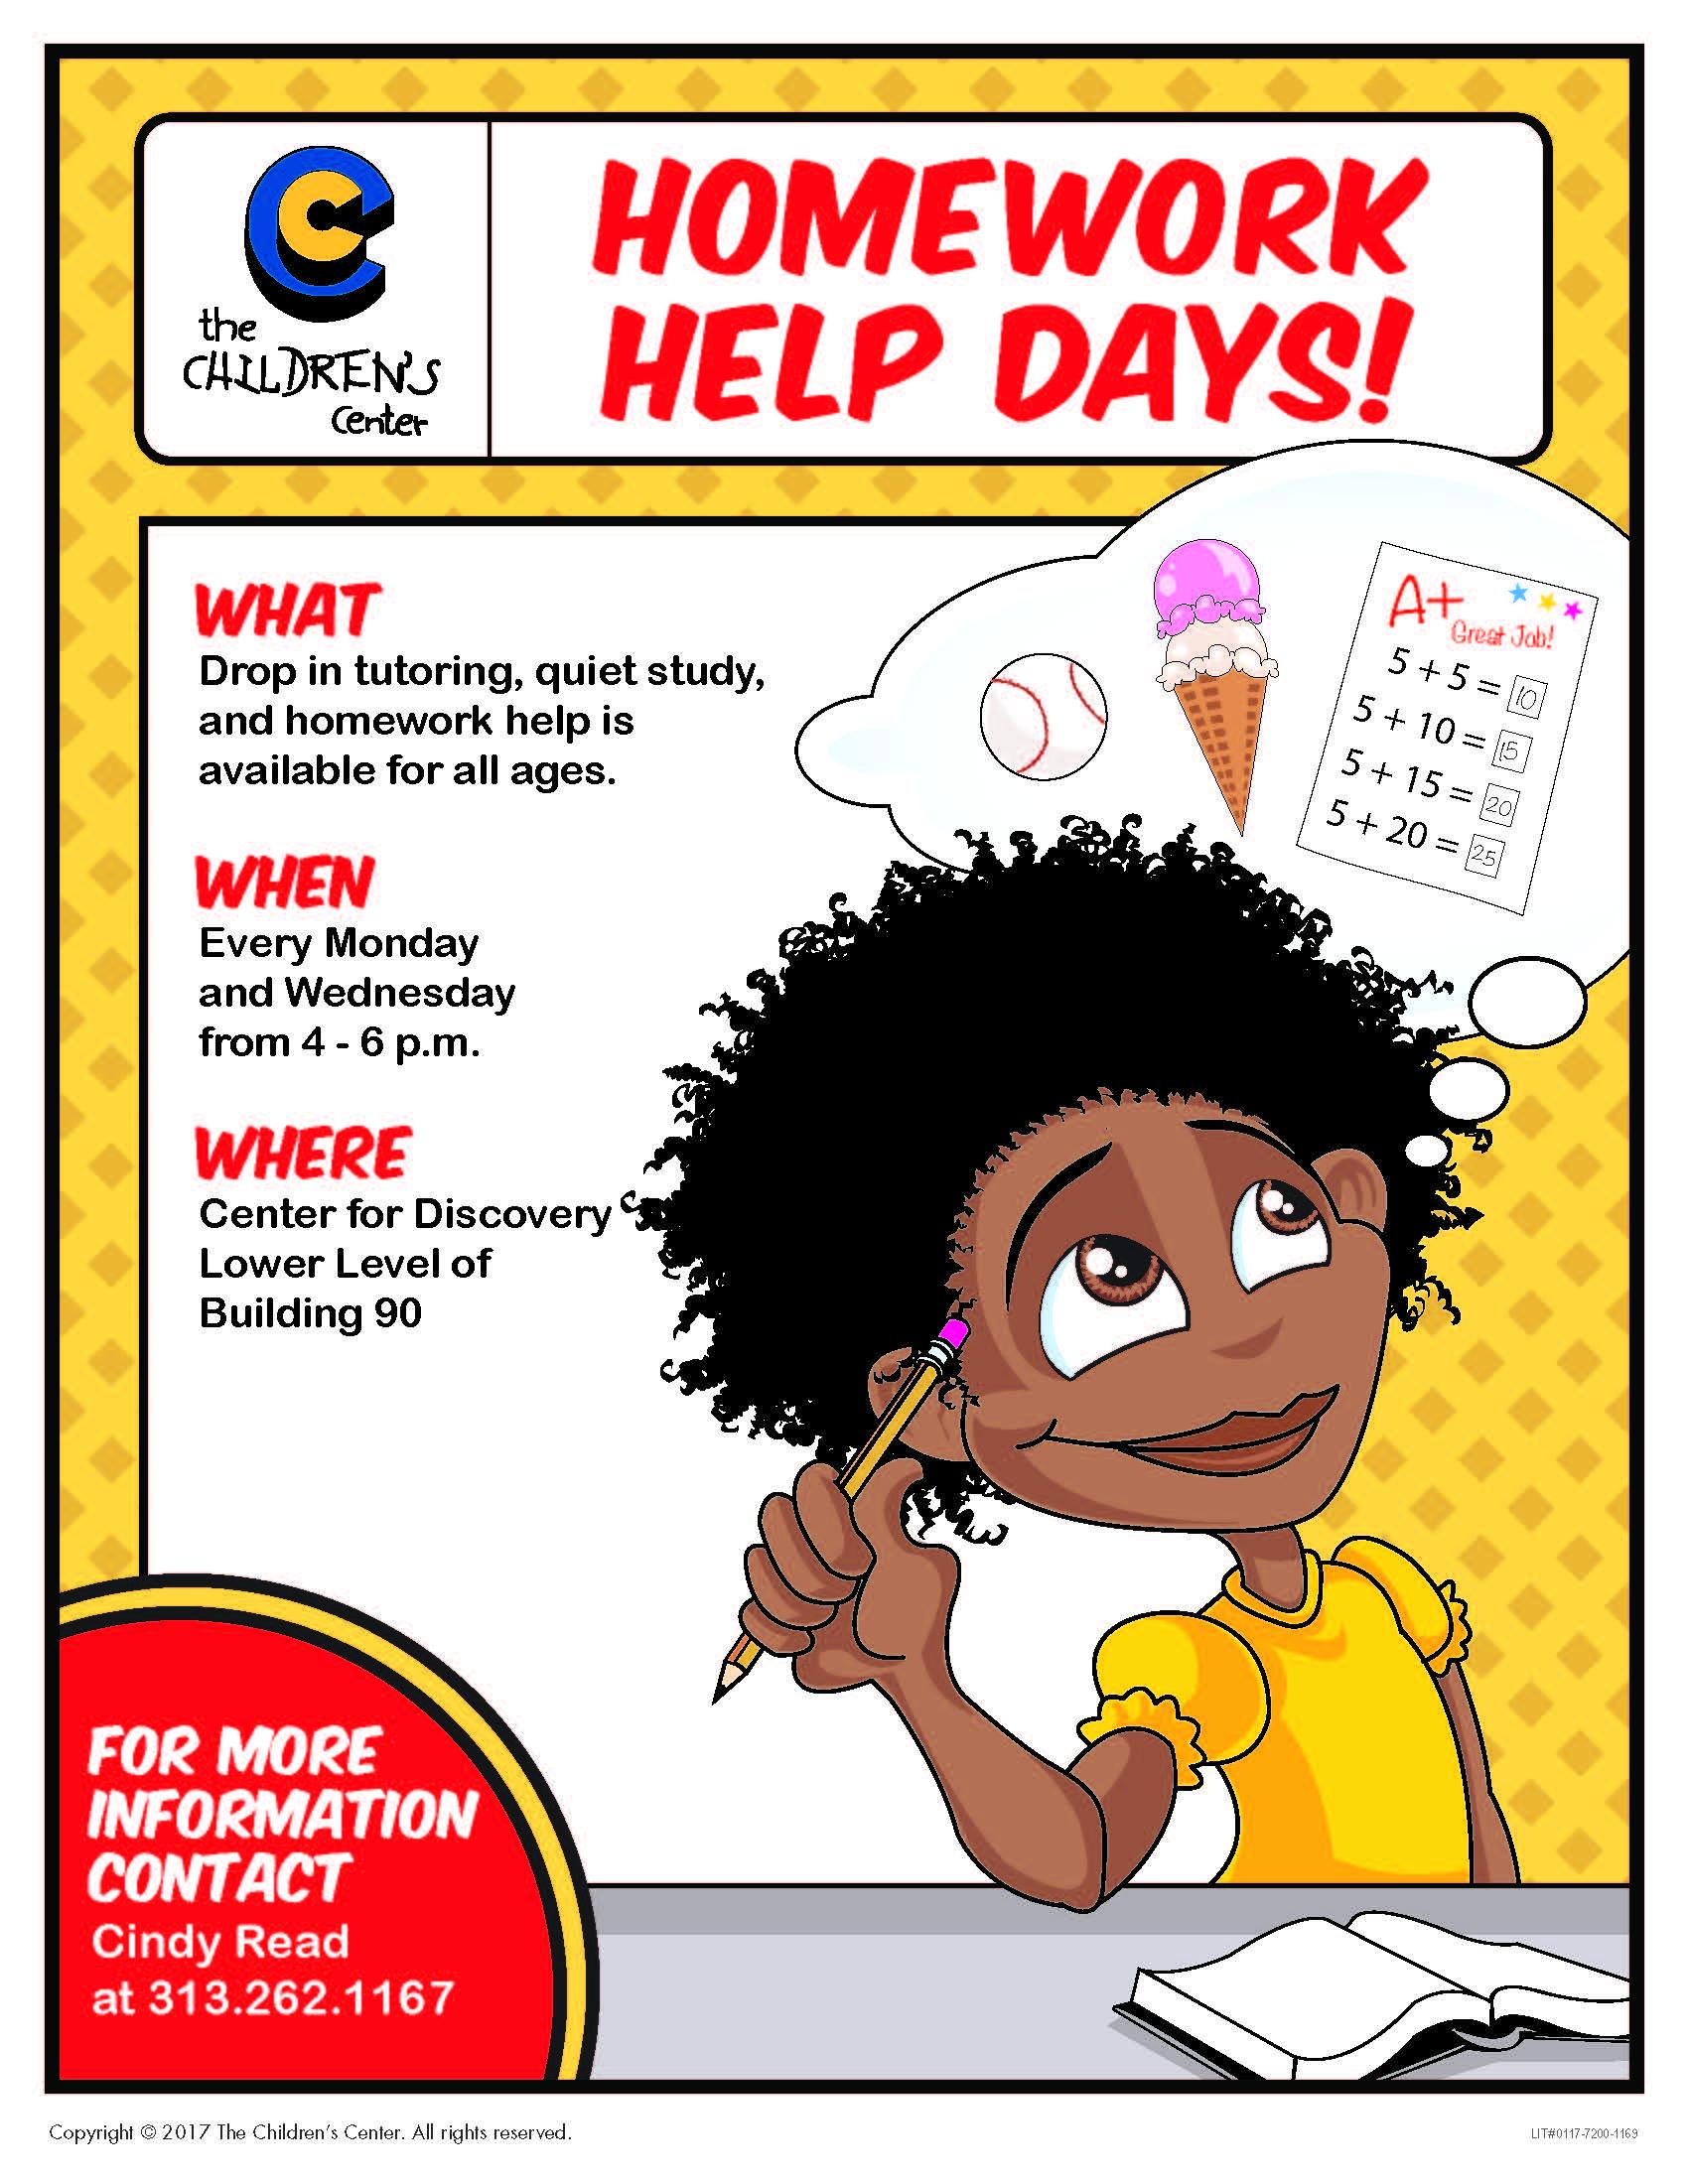 Nbc 10 homework helpline